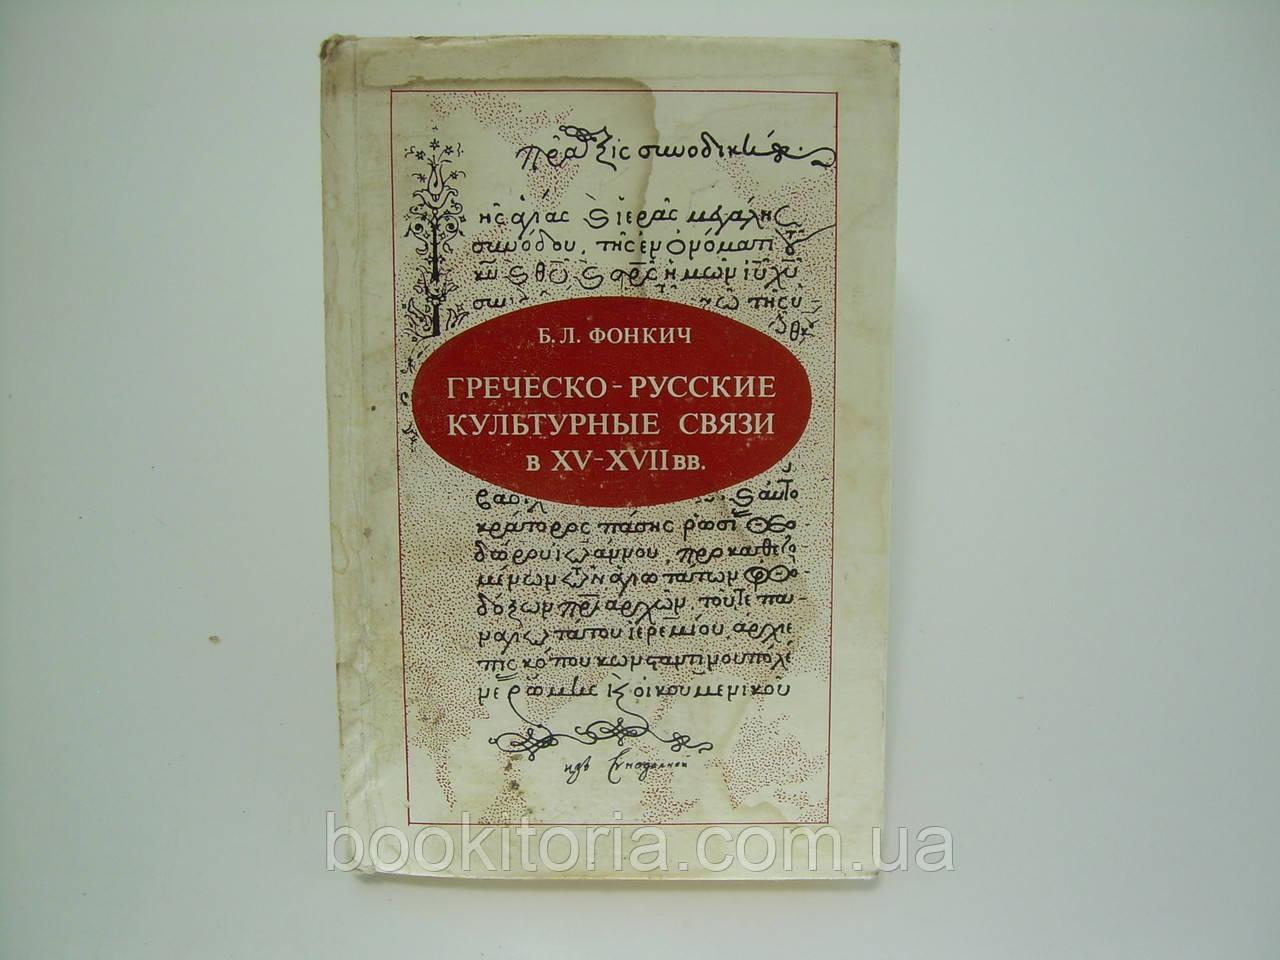 Фонкич Б.Л. Греческо-русские культурные связи в XV-XVII в. (б/у).